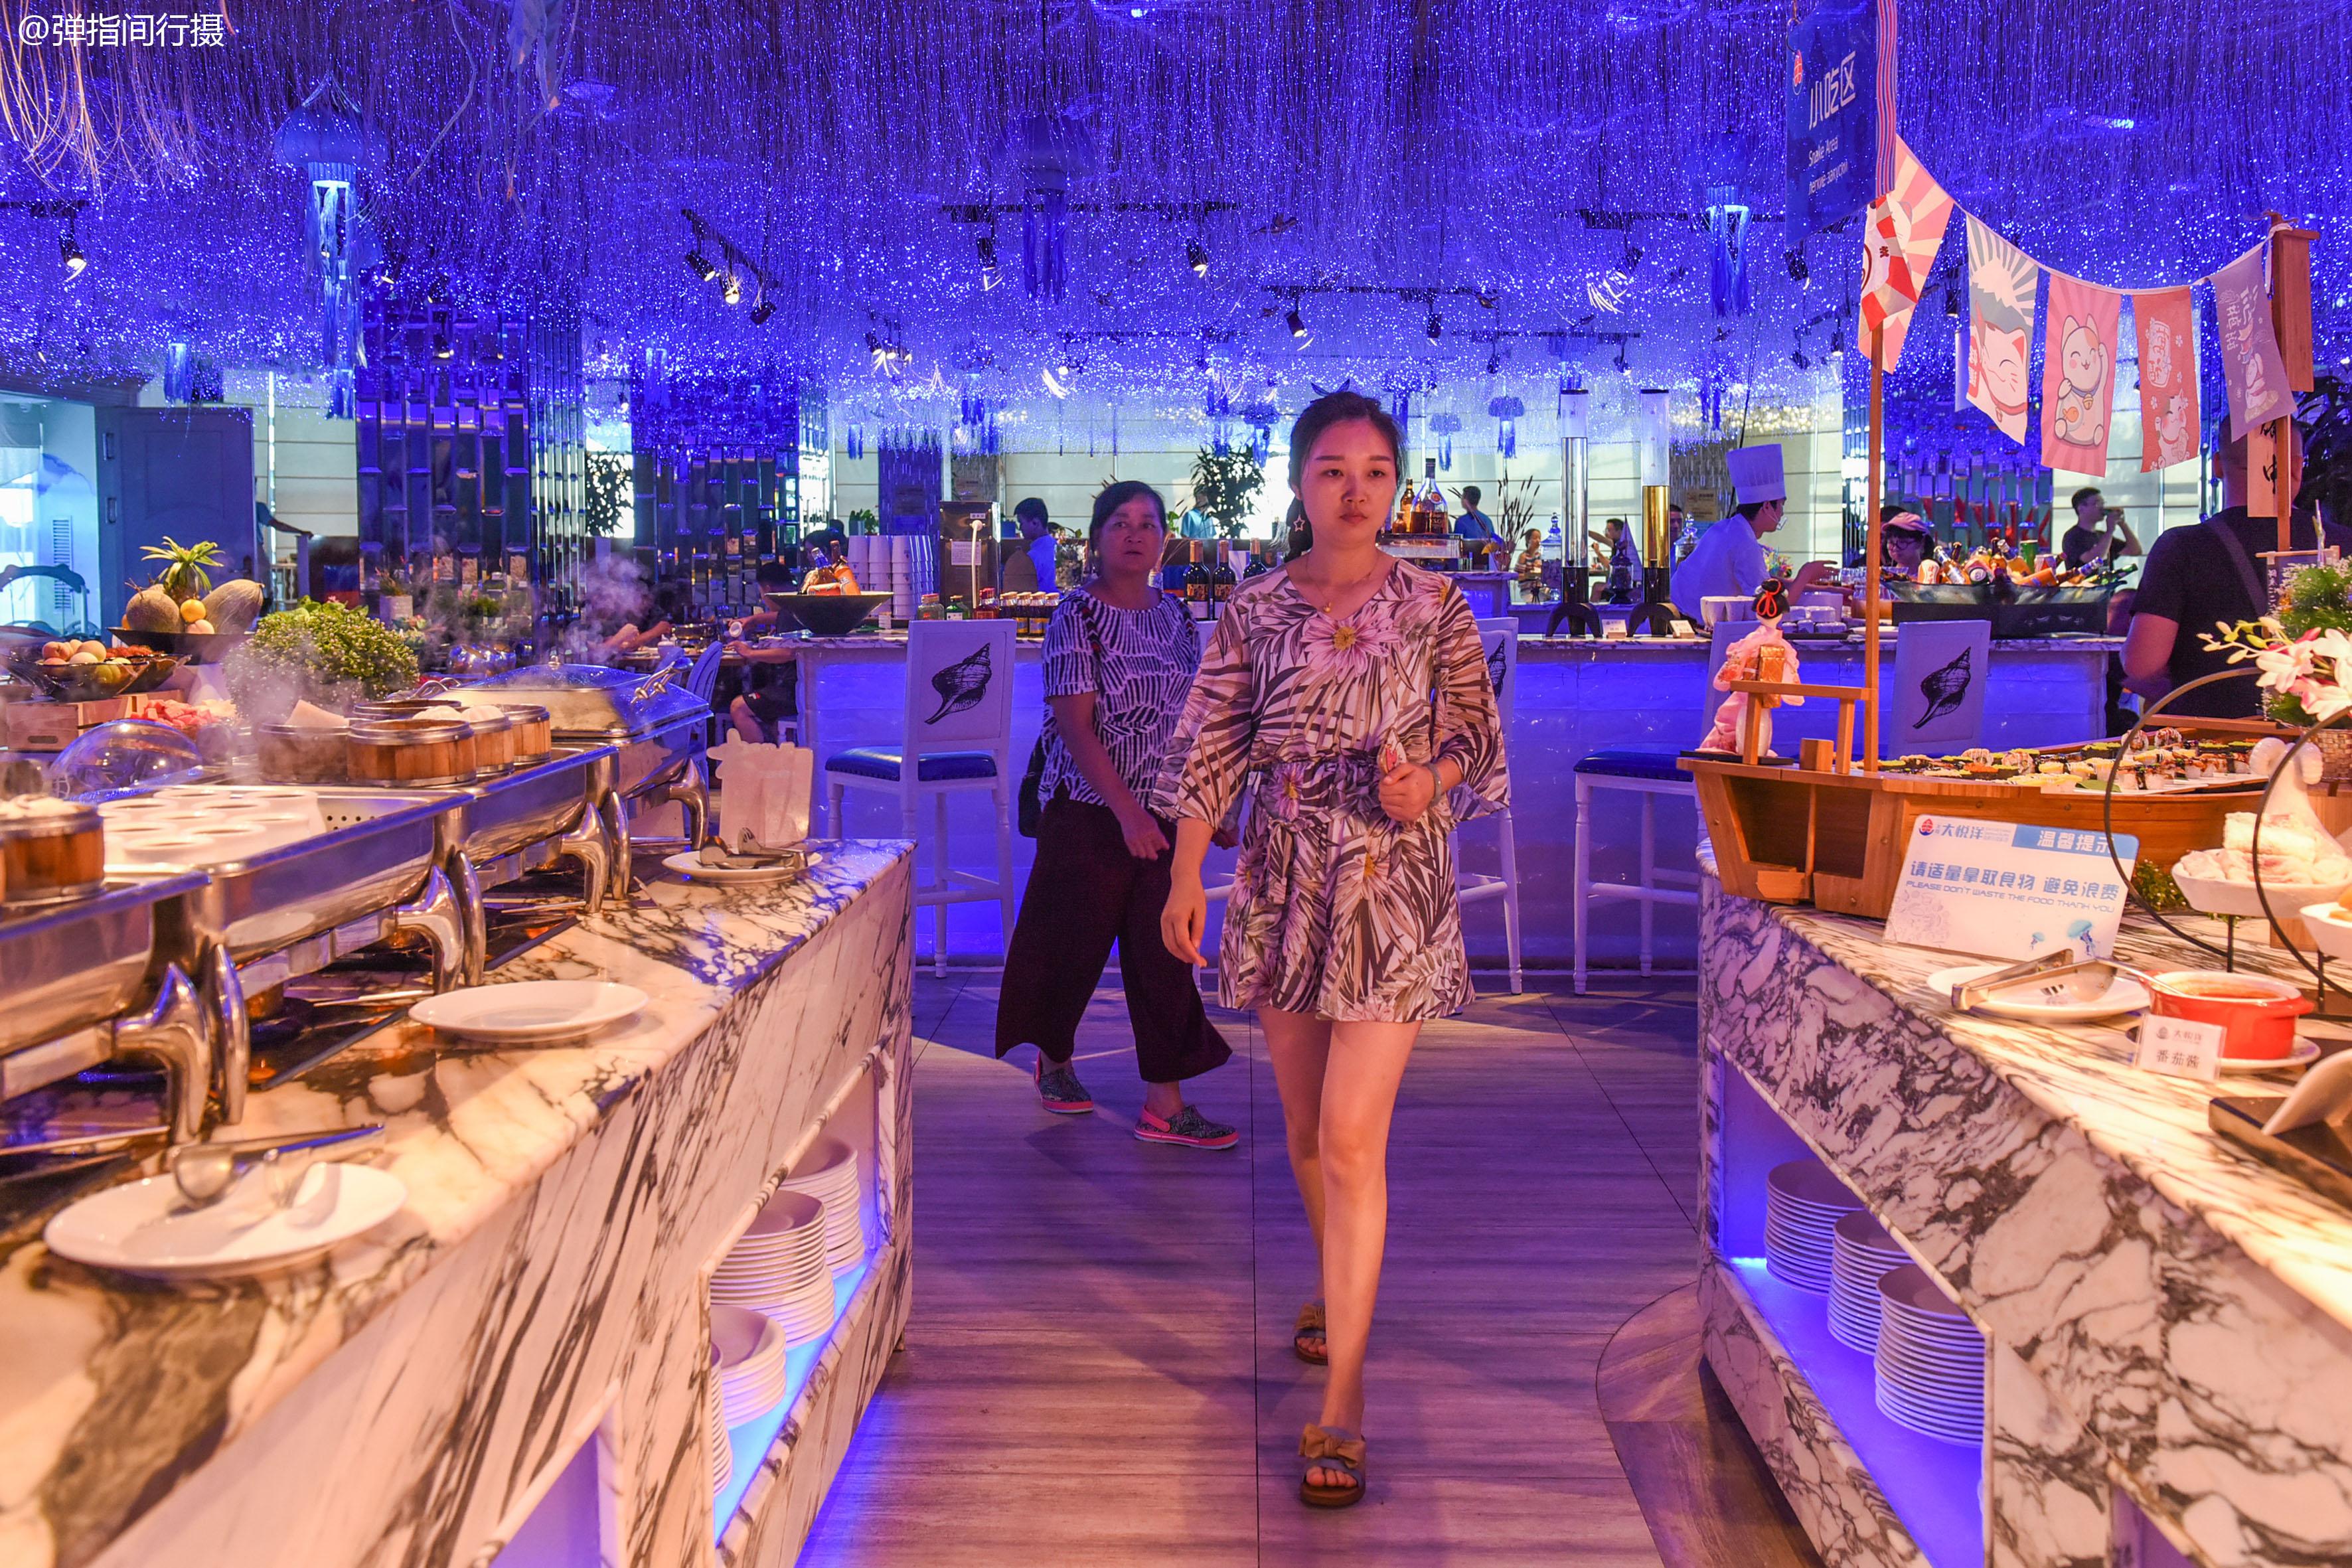 三亚最美妙的美食体验,边欣赏大东海日落美景,边享受饕餮美食